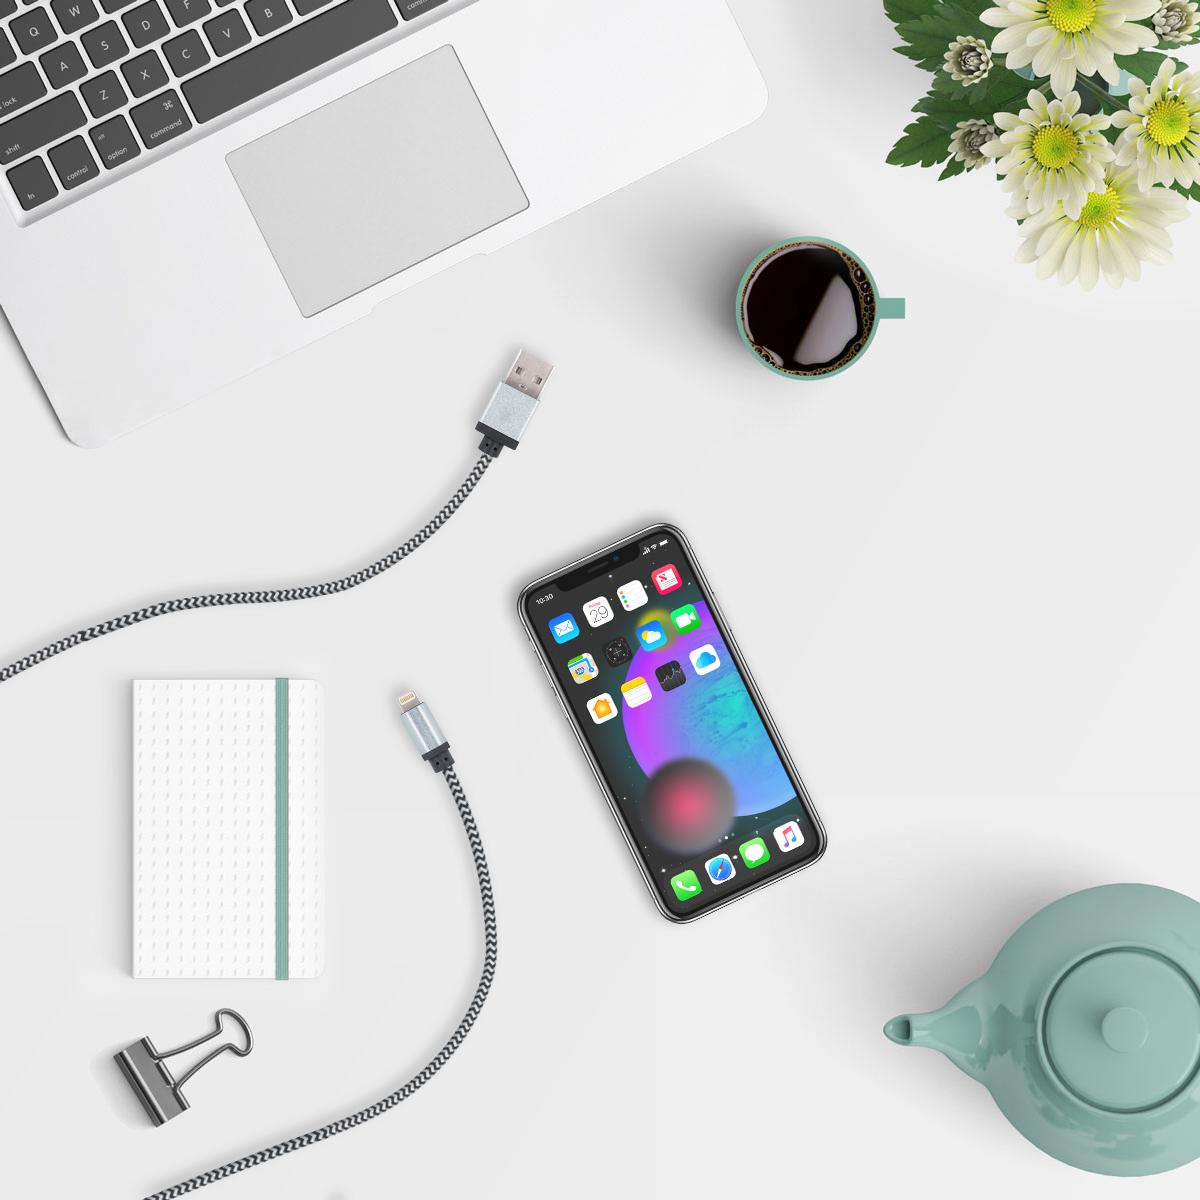 Jak dbać o smartfon? Blog o technologiach weknowhow.tech